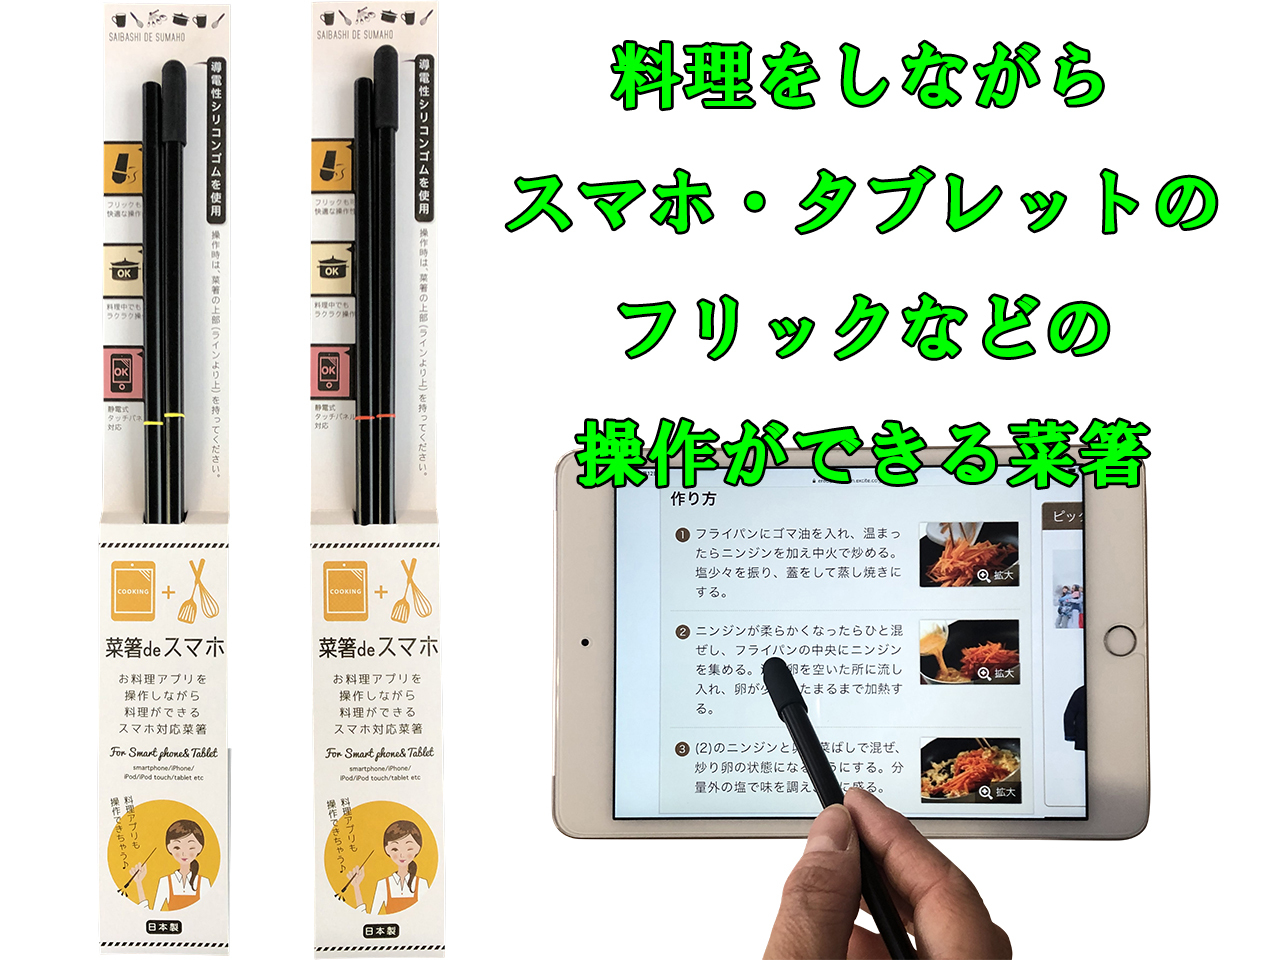 竹製 「菜箸de スマホ 30cm 」 ポストIN発送対応商品